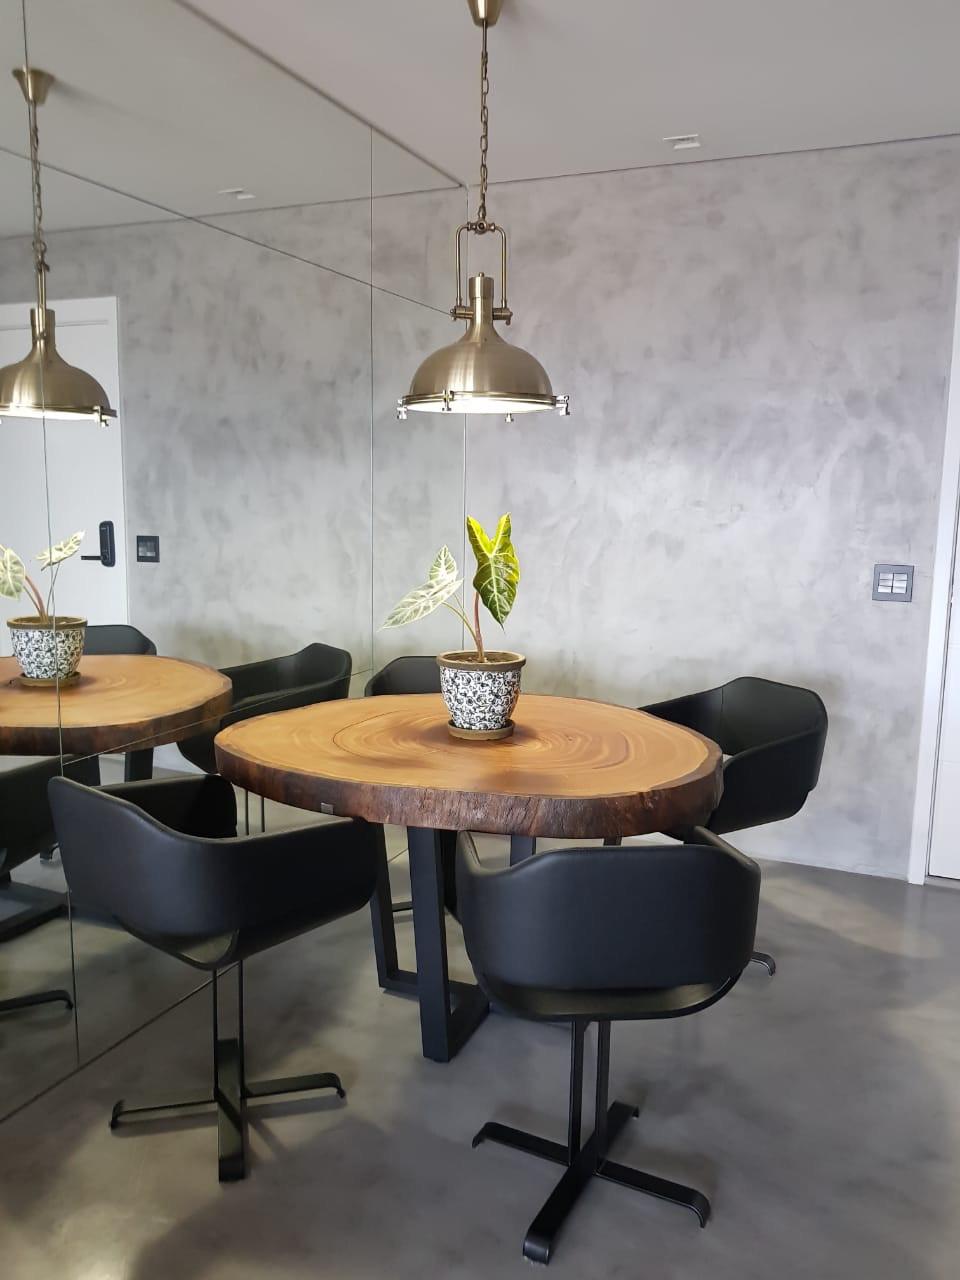 Na decoração Industrial o uso de madeira, metal e acabamento em concreto predomina. Os moveis de madeira ArboREAL se encaixam perfeitamente. A mesa de jantar redonda para 4 pessoas em madeira maciça agrada muito e deixa o ambiente moderno com toque rústico.